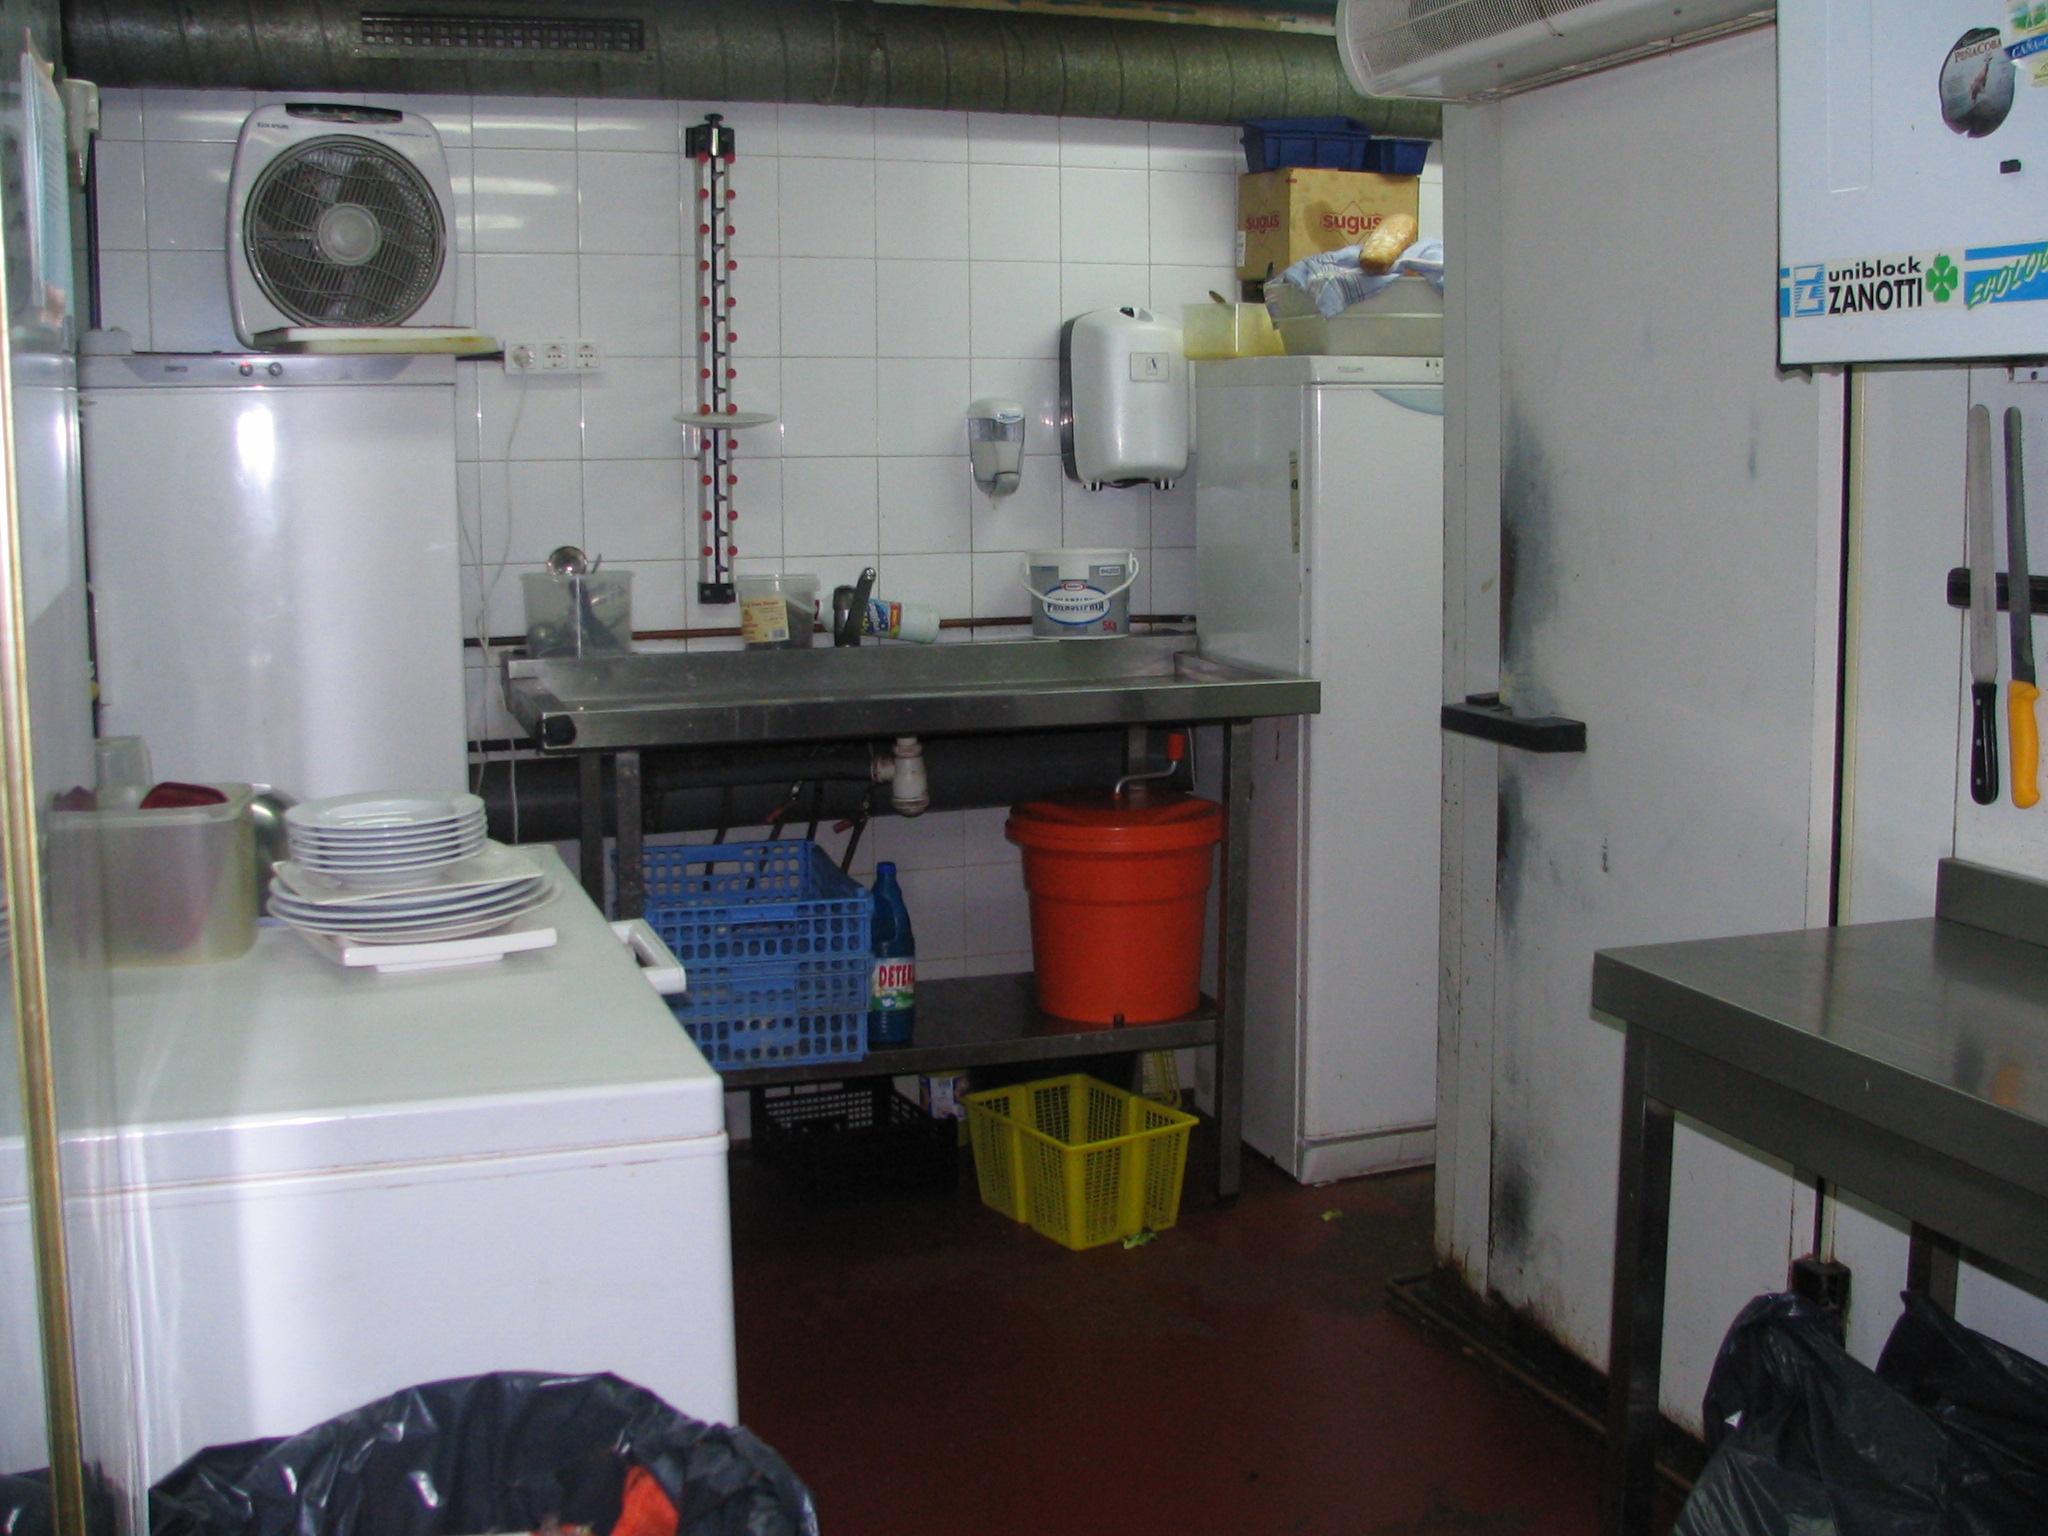 Awesome cuarto frio cocina gallery casa dise o ideas for Cuarto frio cocina